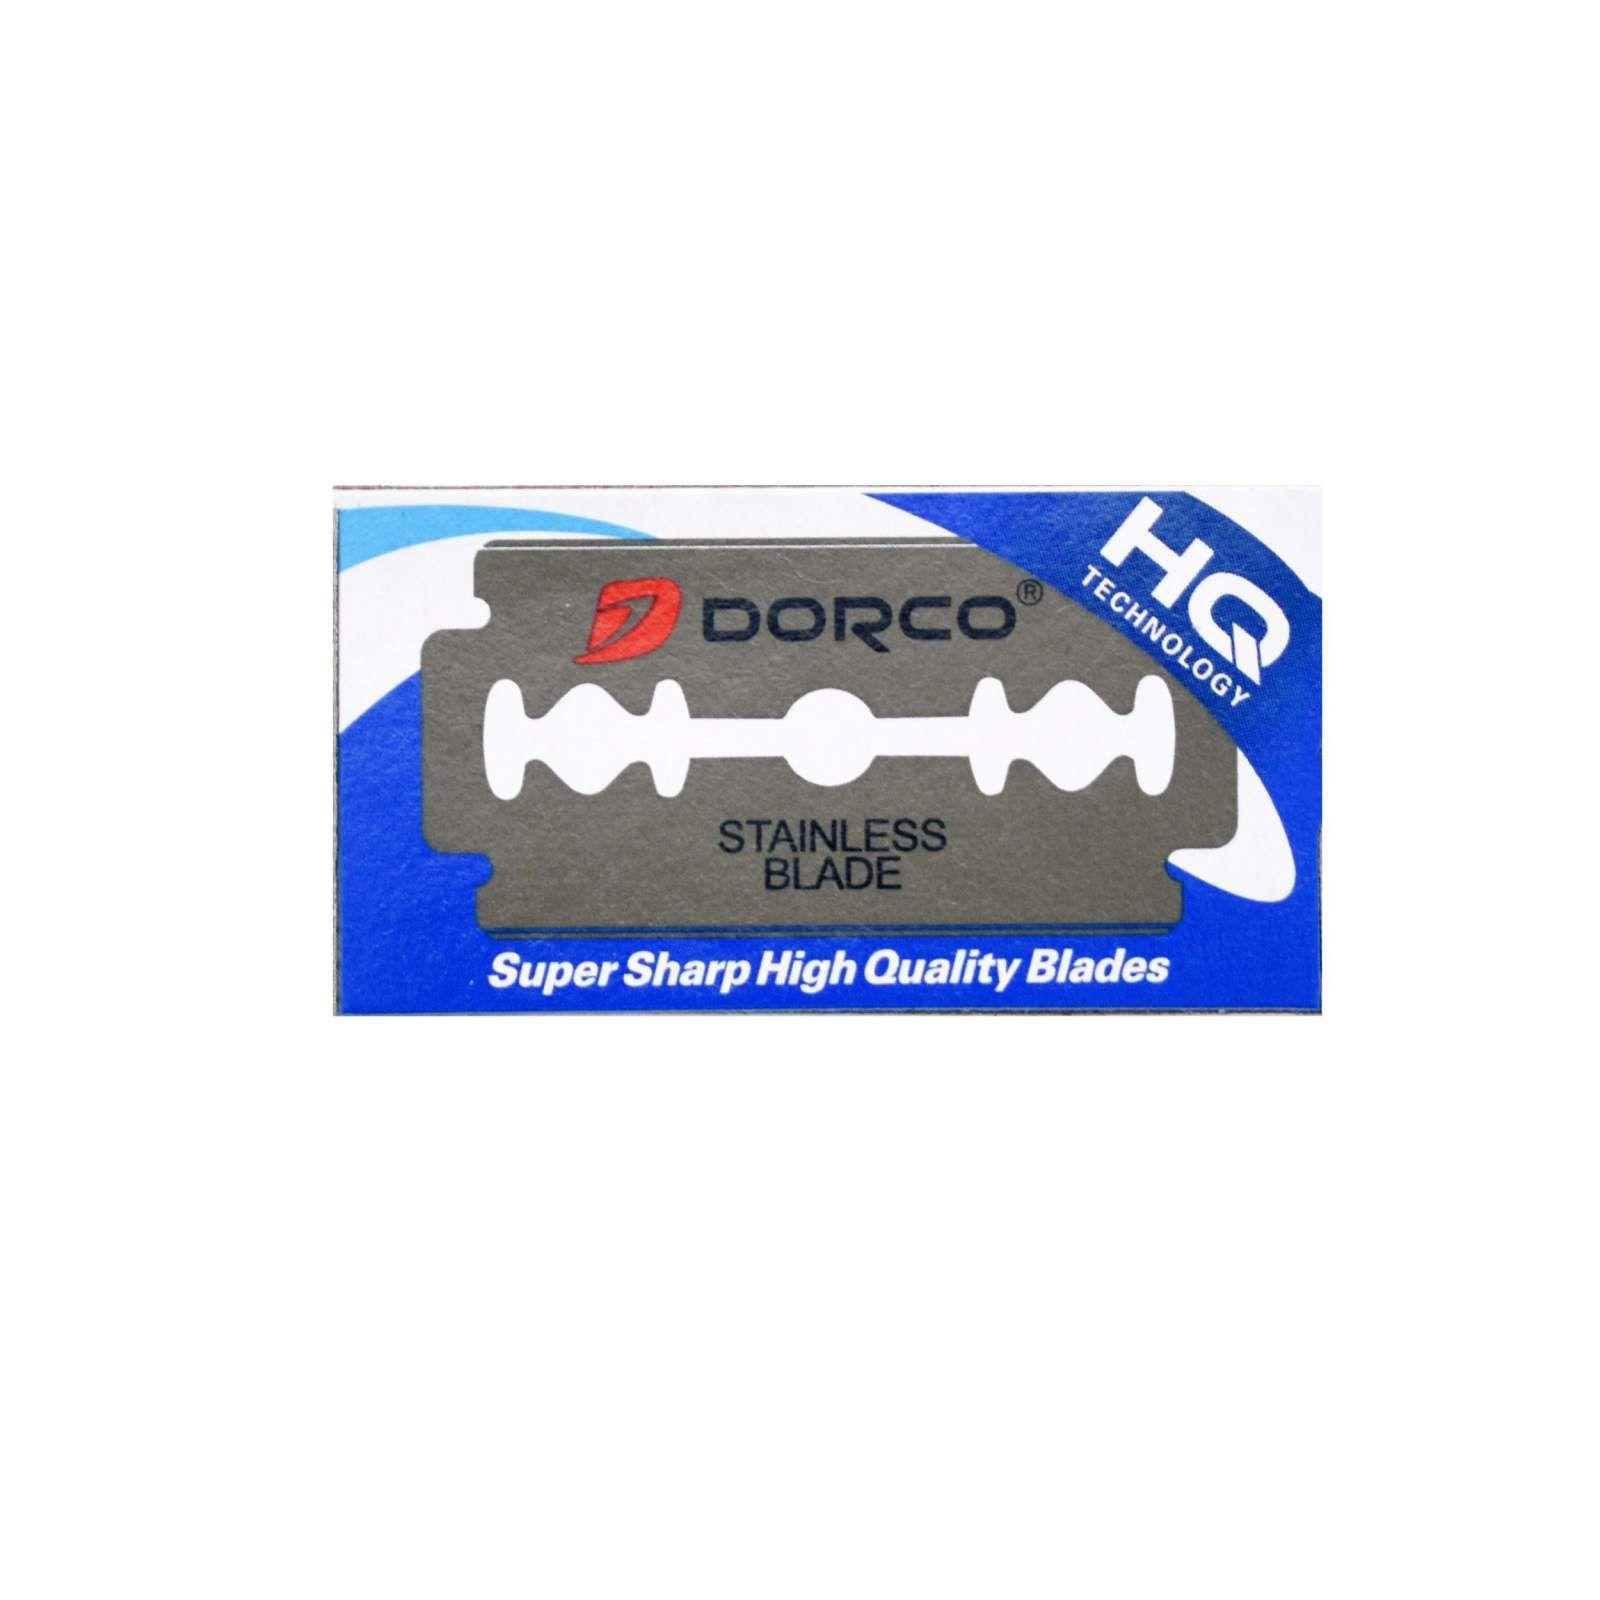 تیغ یدک دورکو مدل HQ-22 مجموعه 2 عددی -  - 3